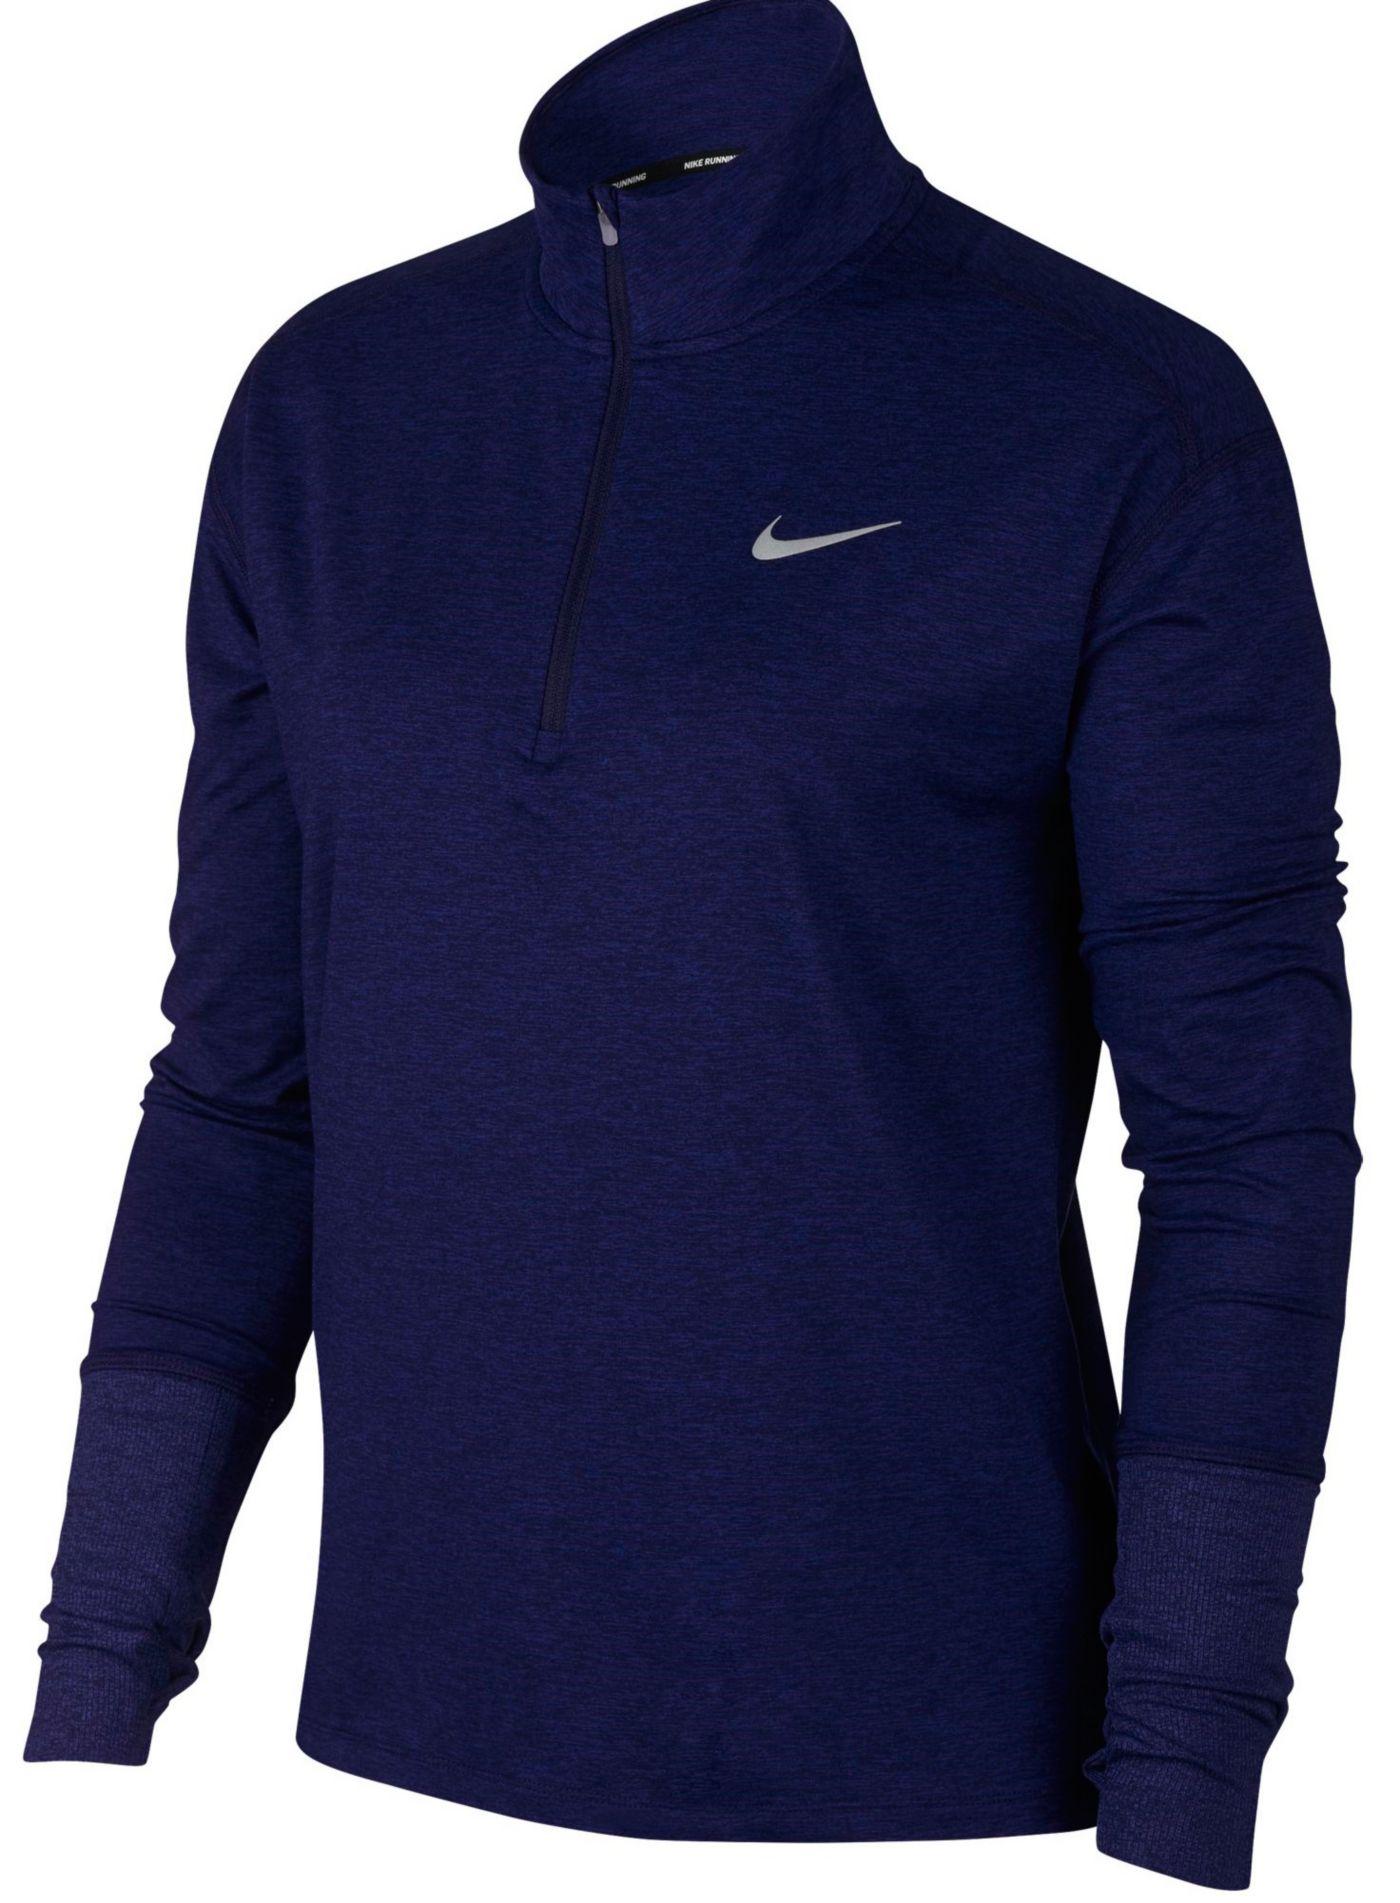 Nike Women's Element Half-Zip Running Pullover